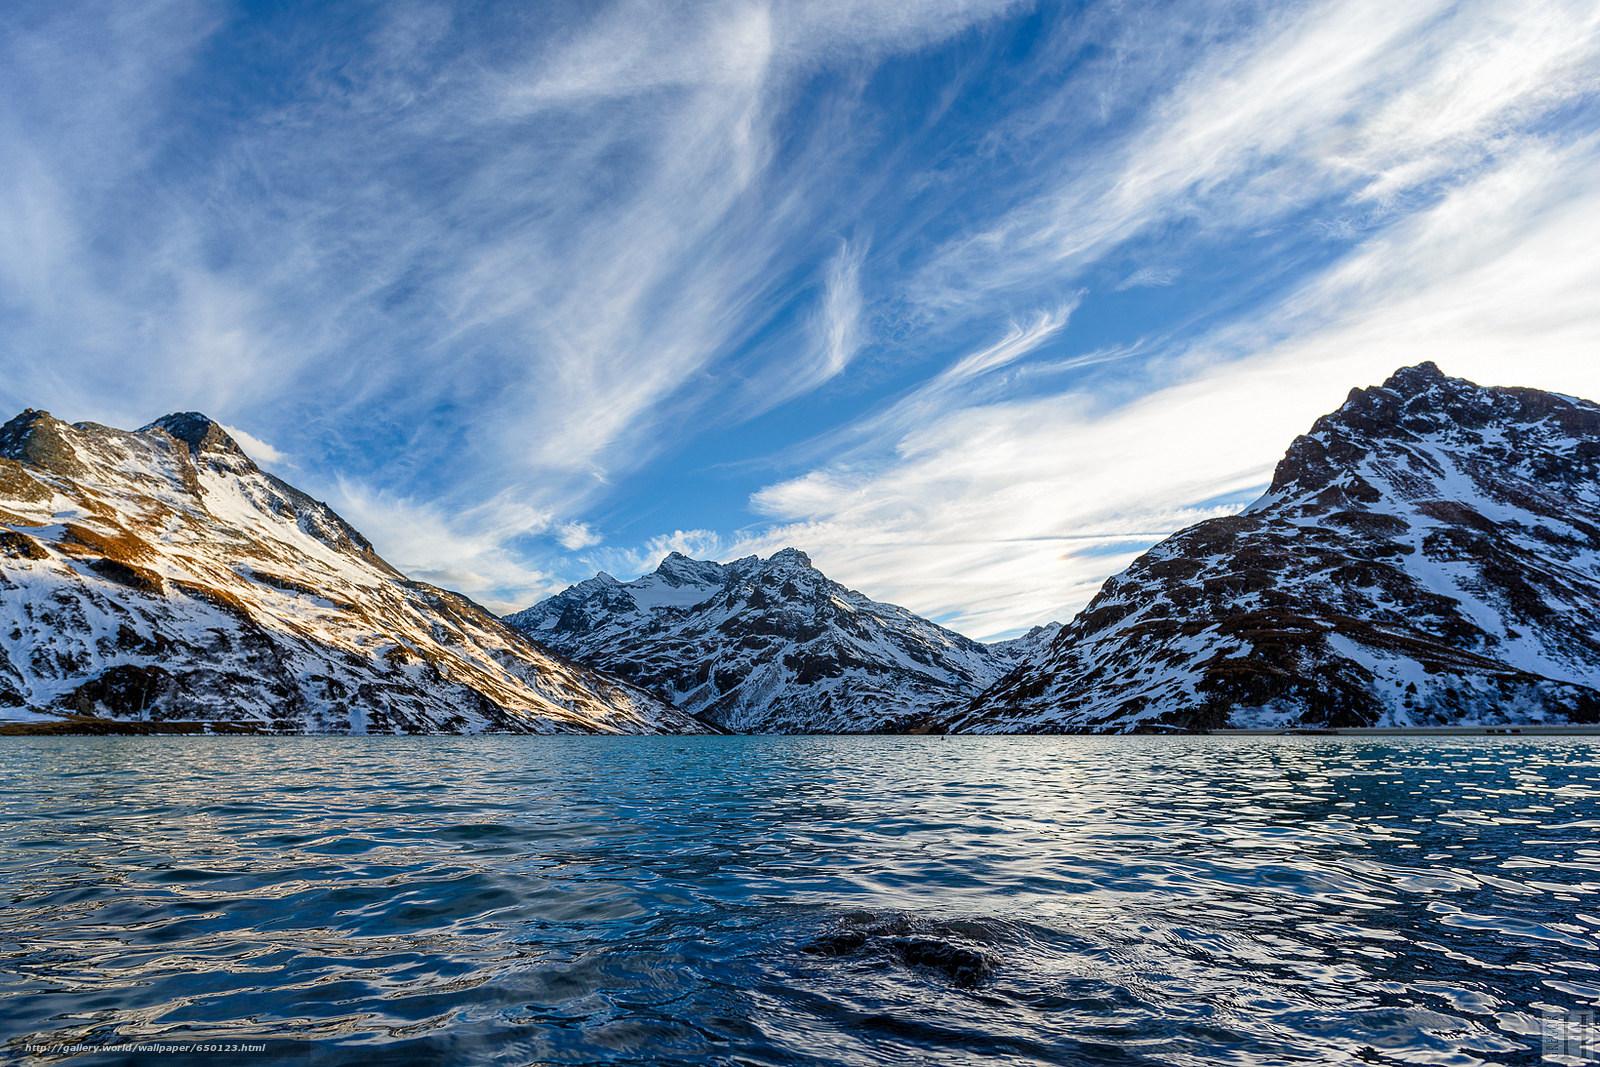 Скачать обои горы,  море,  небо,  снег бесплатно для рабочего стола в разрешении 1600x1067 — картинка №650123